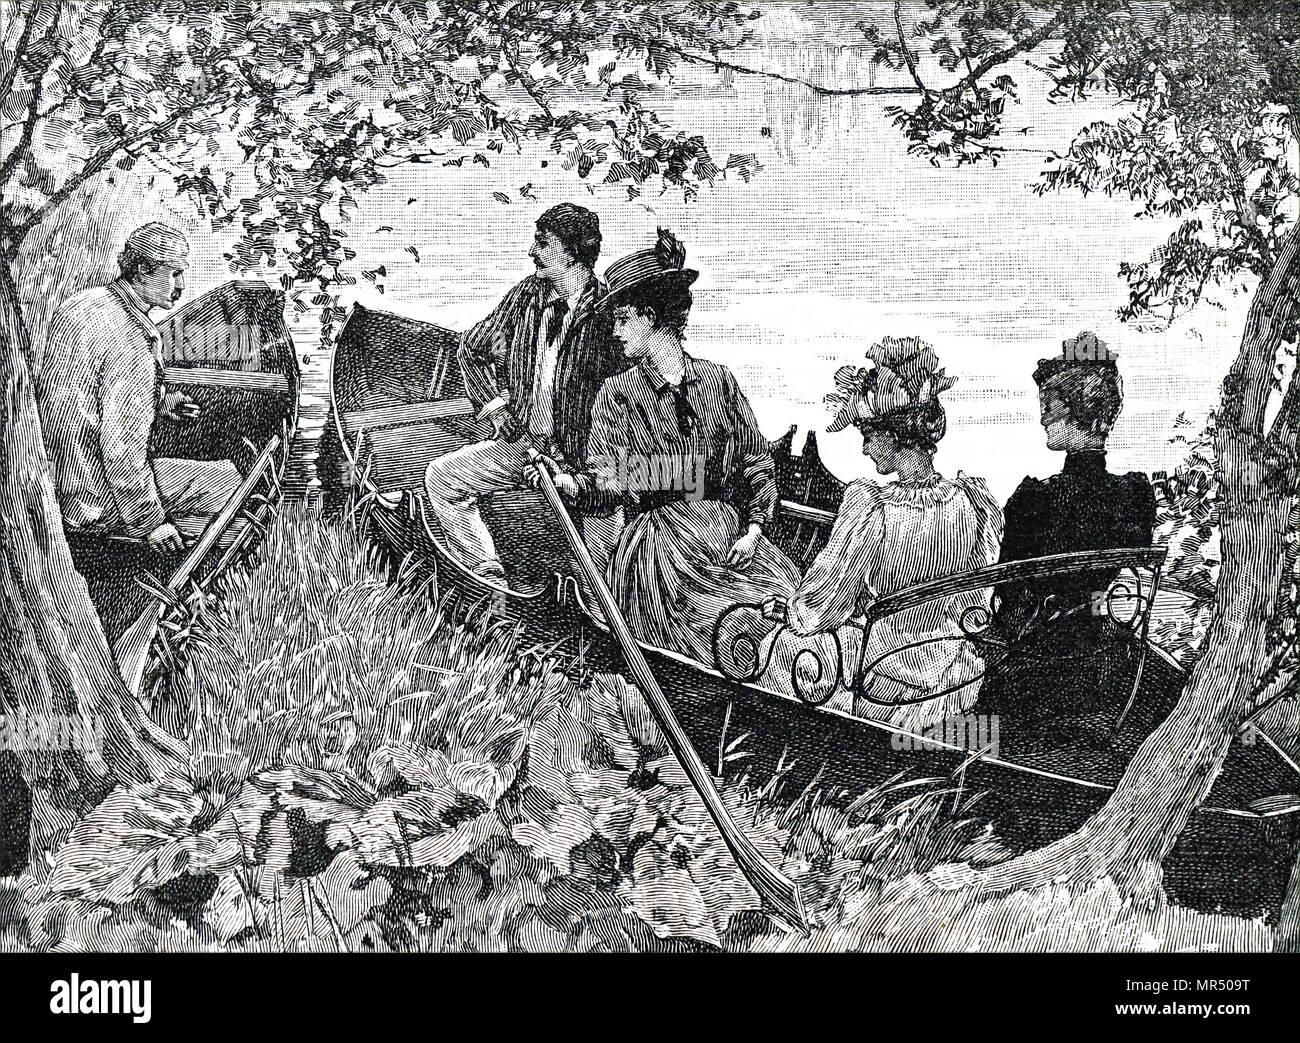 Ilustración que retrata a un grupo de jóvenes parejas que disfrutan de un viaje en bote. Fecha del siglo XIX Imagen De Stock